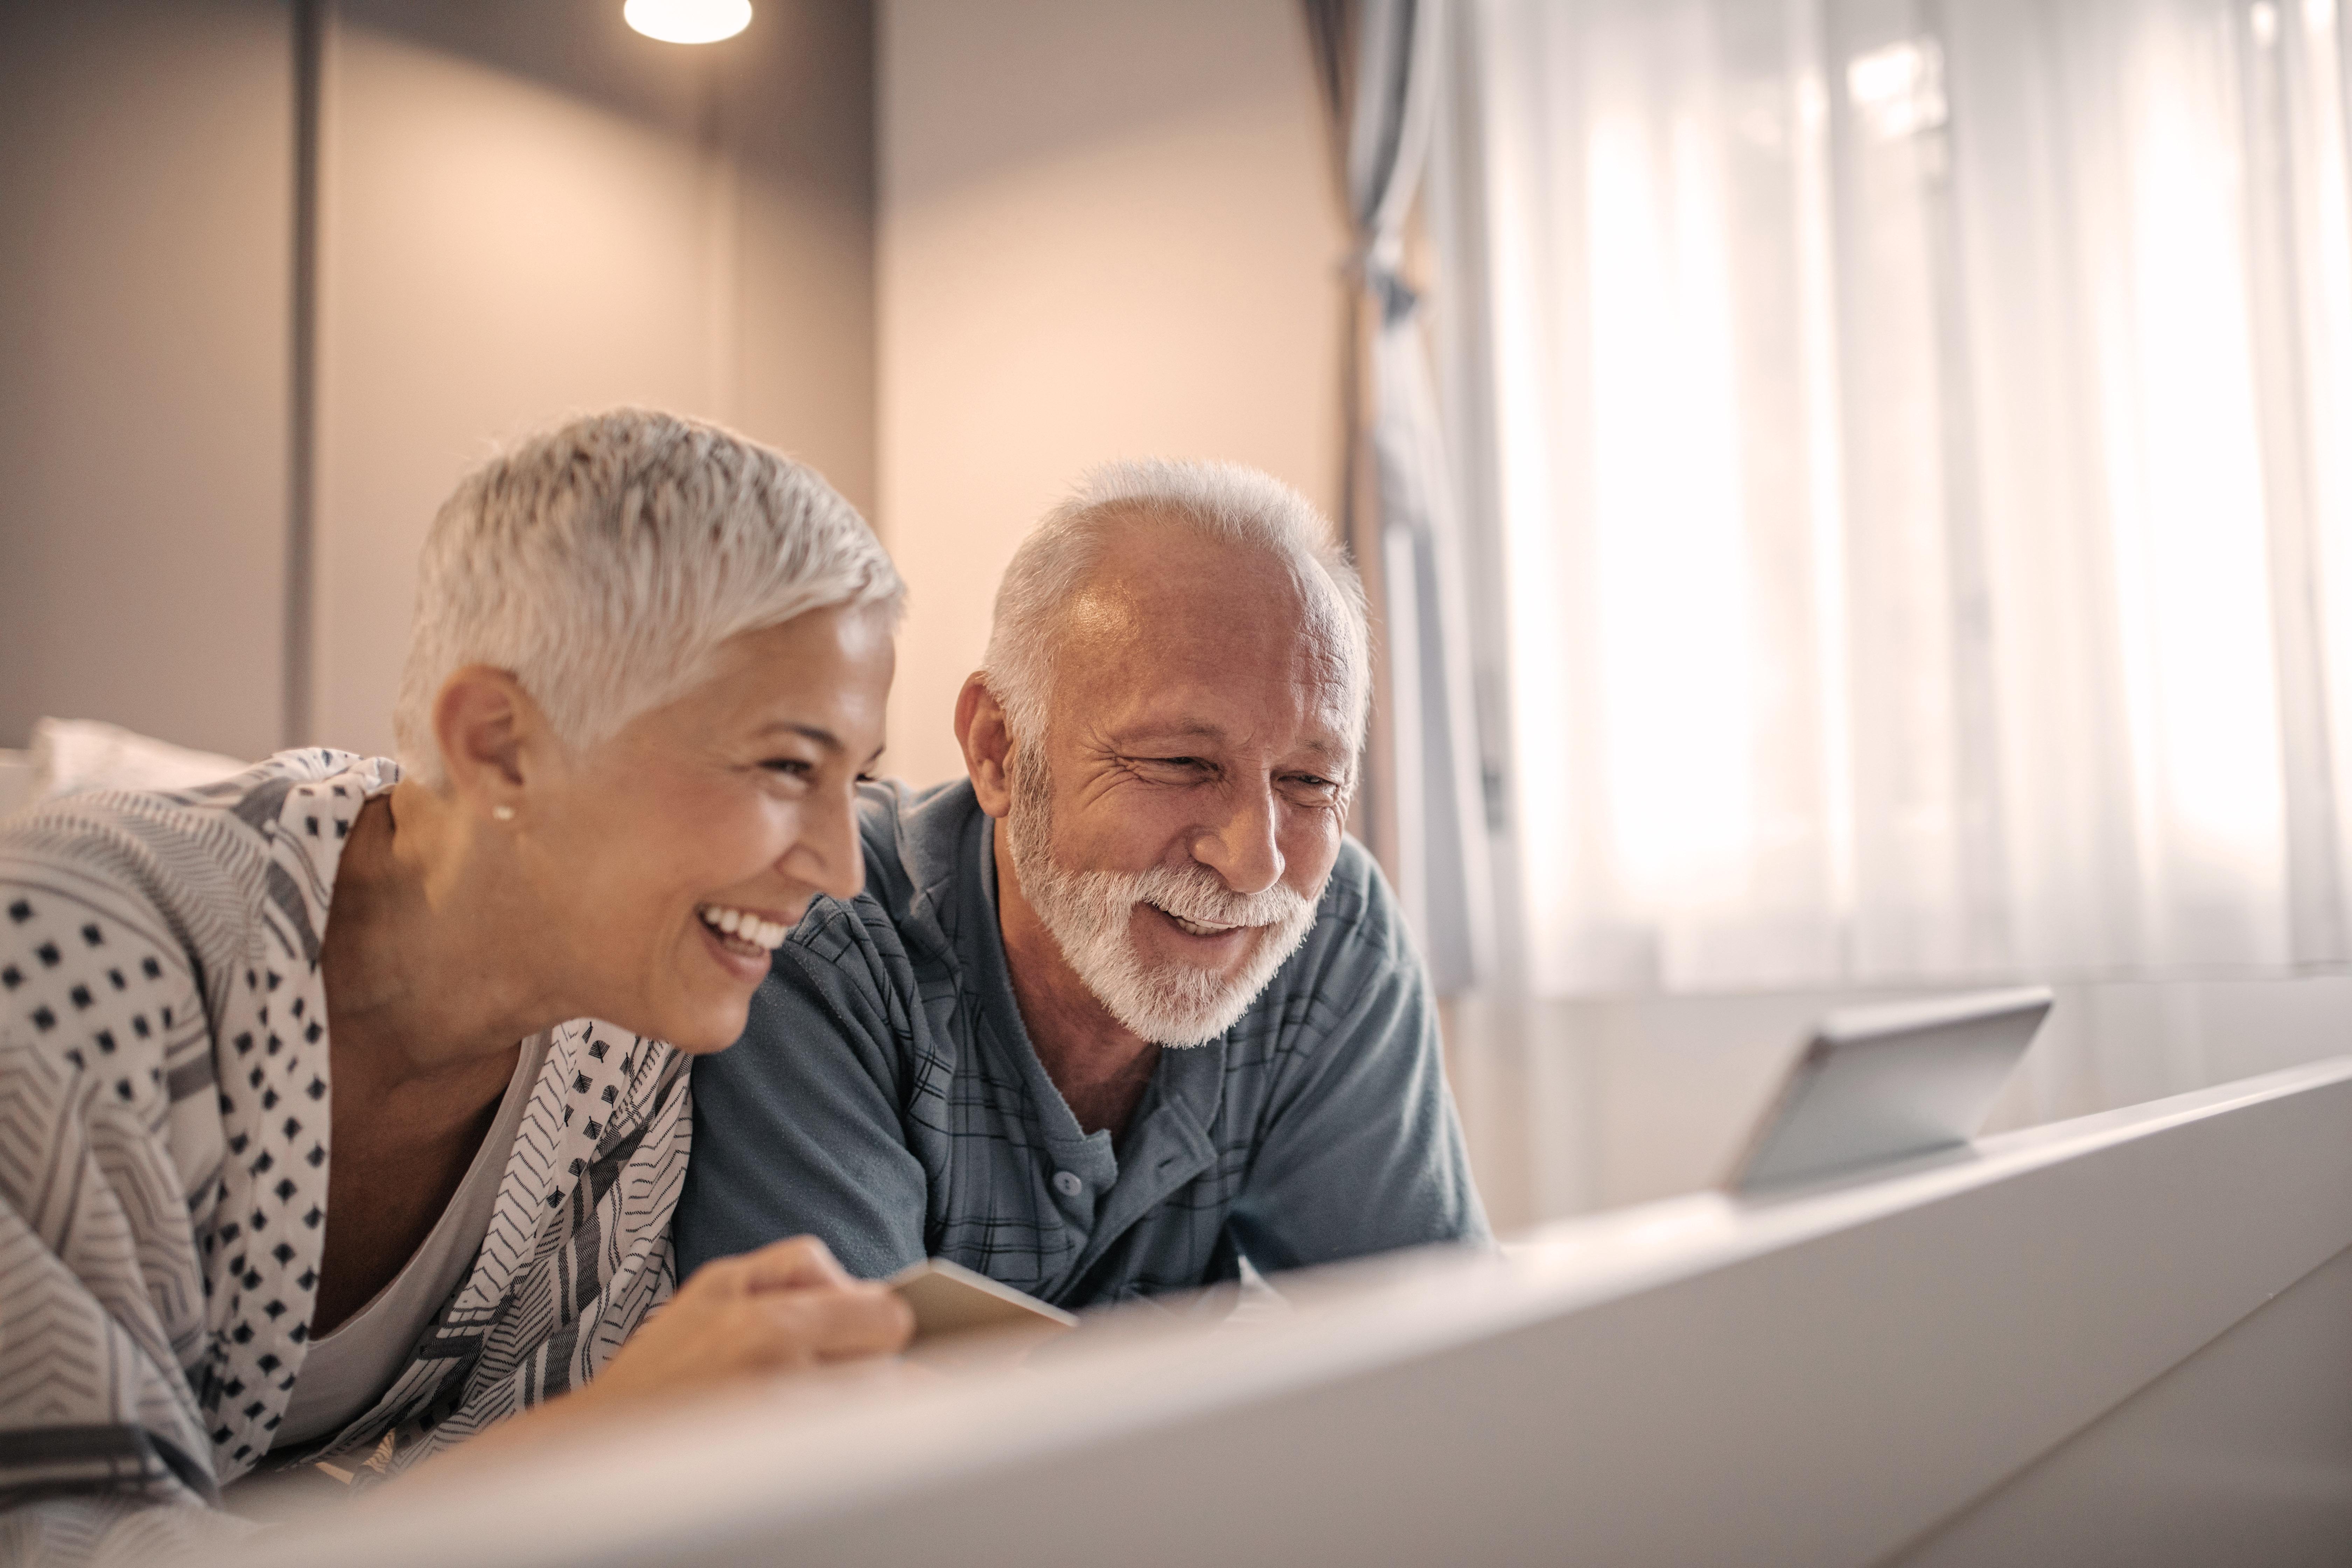 ¿Quieres saber qué jubilación te compensa?